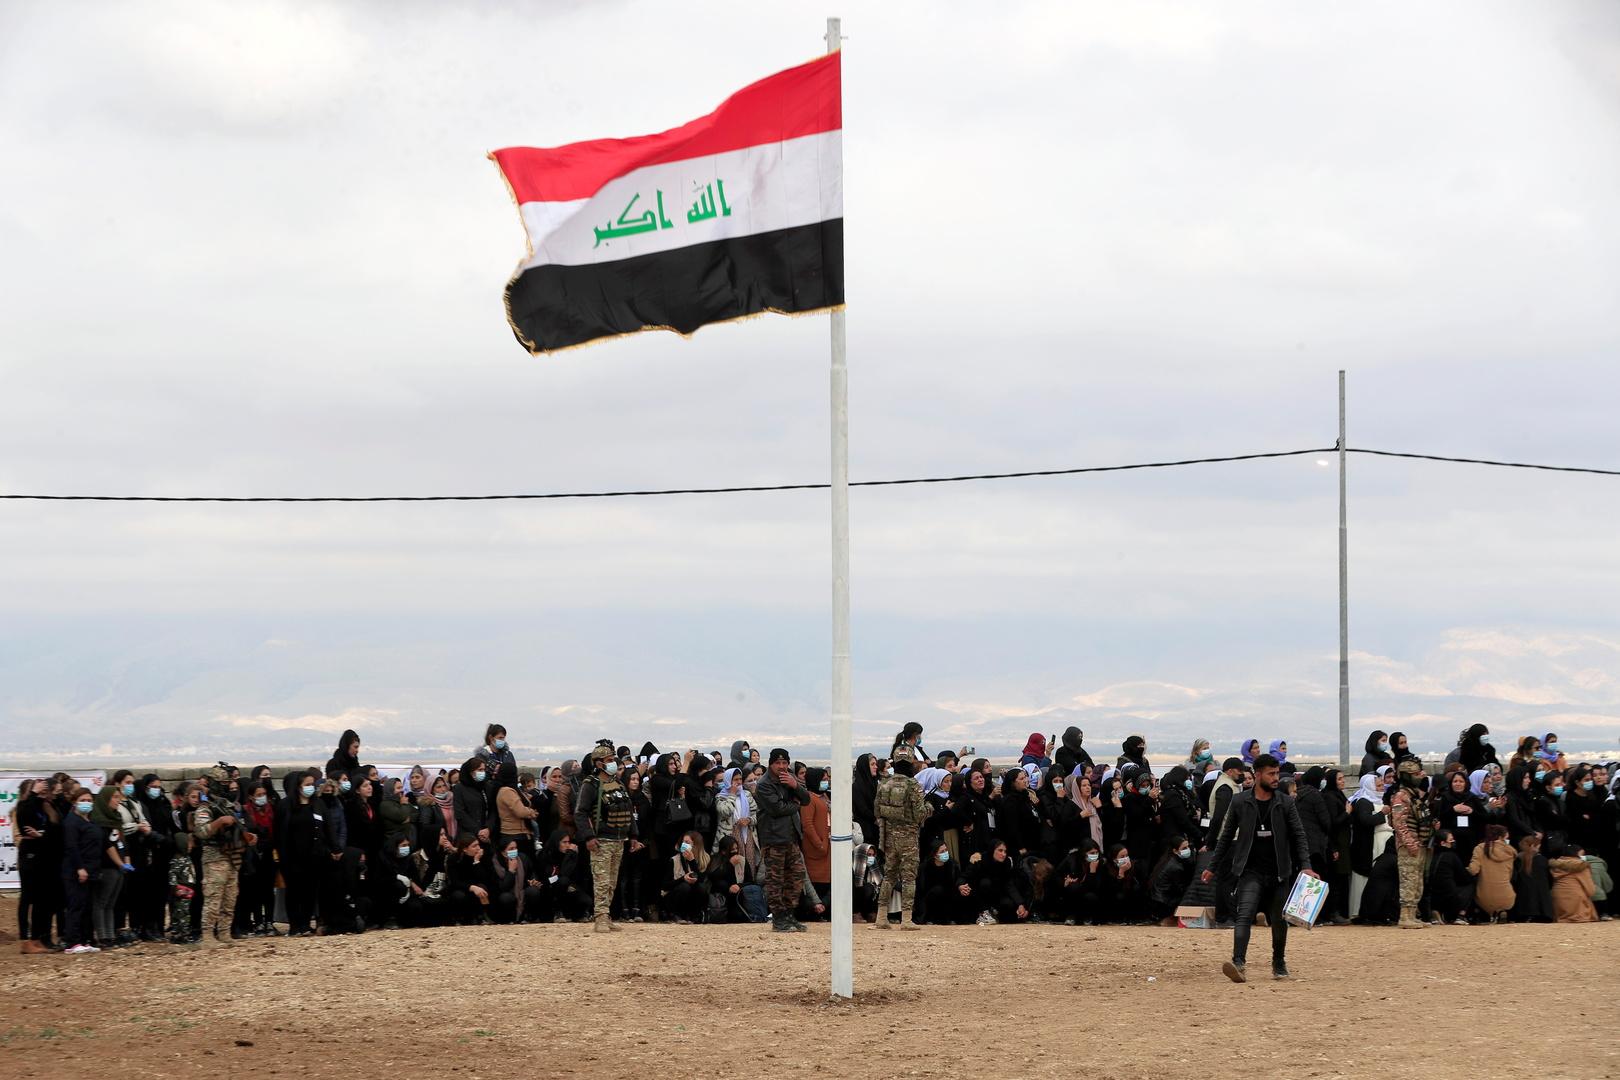 الحكيم: نرفض دعوات التطبيع مع إسرائيل التي تعقد داخل العراق